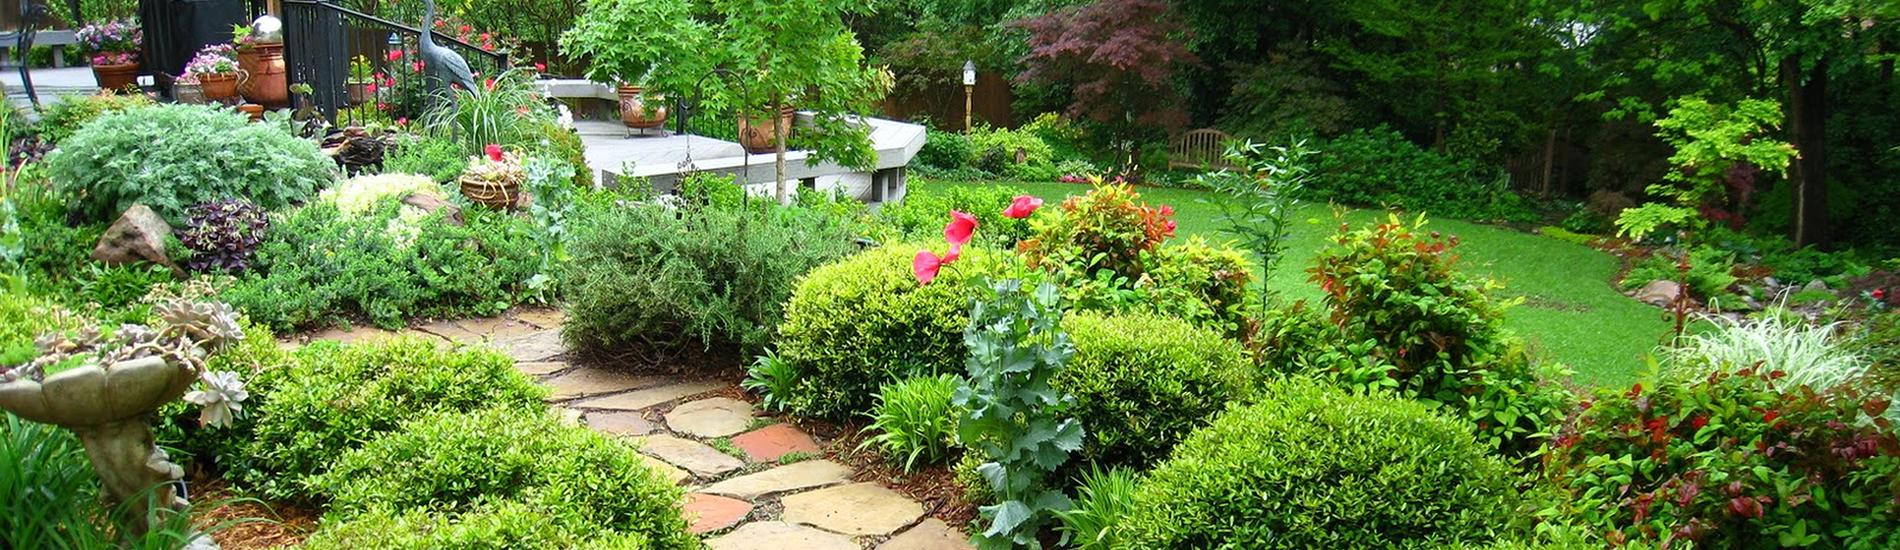 Dise o y decoraci n de jardines jardines de costa rica for Adornos para parques y jardines